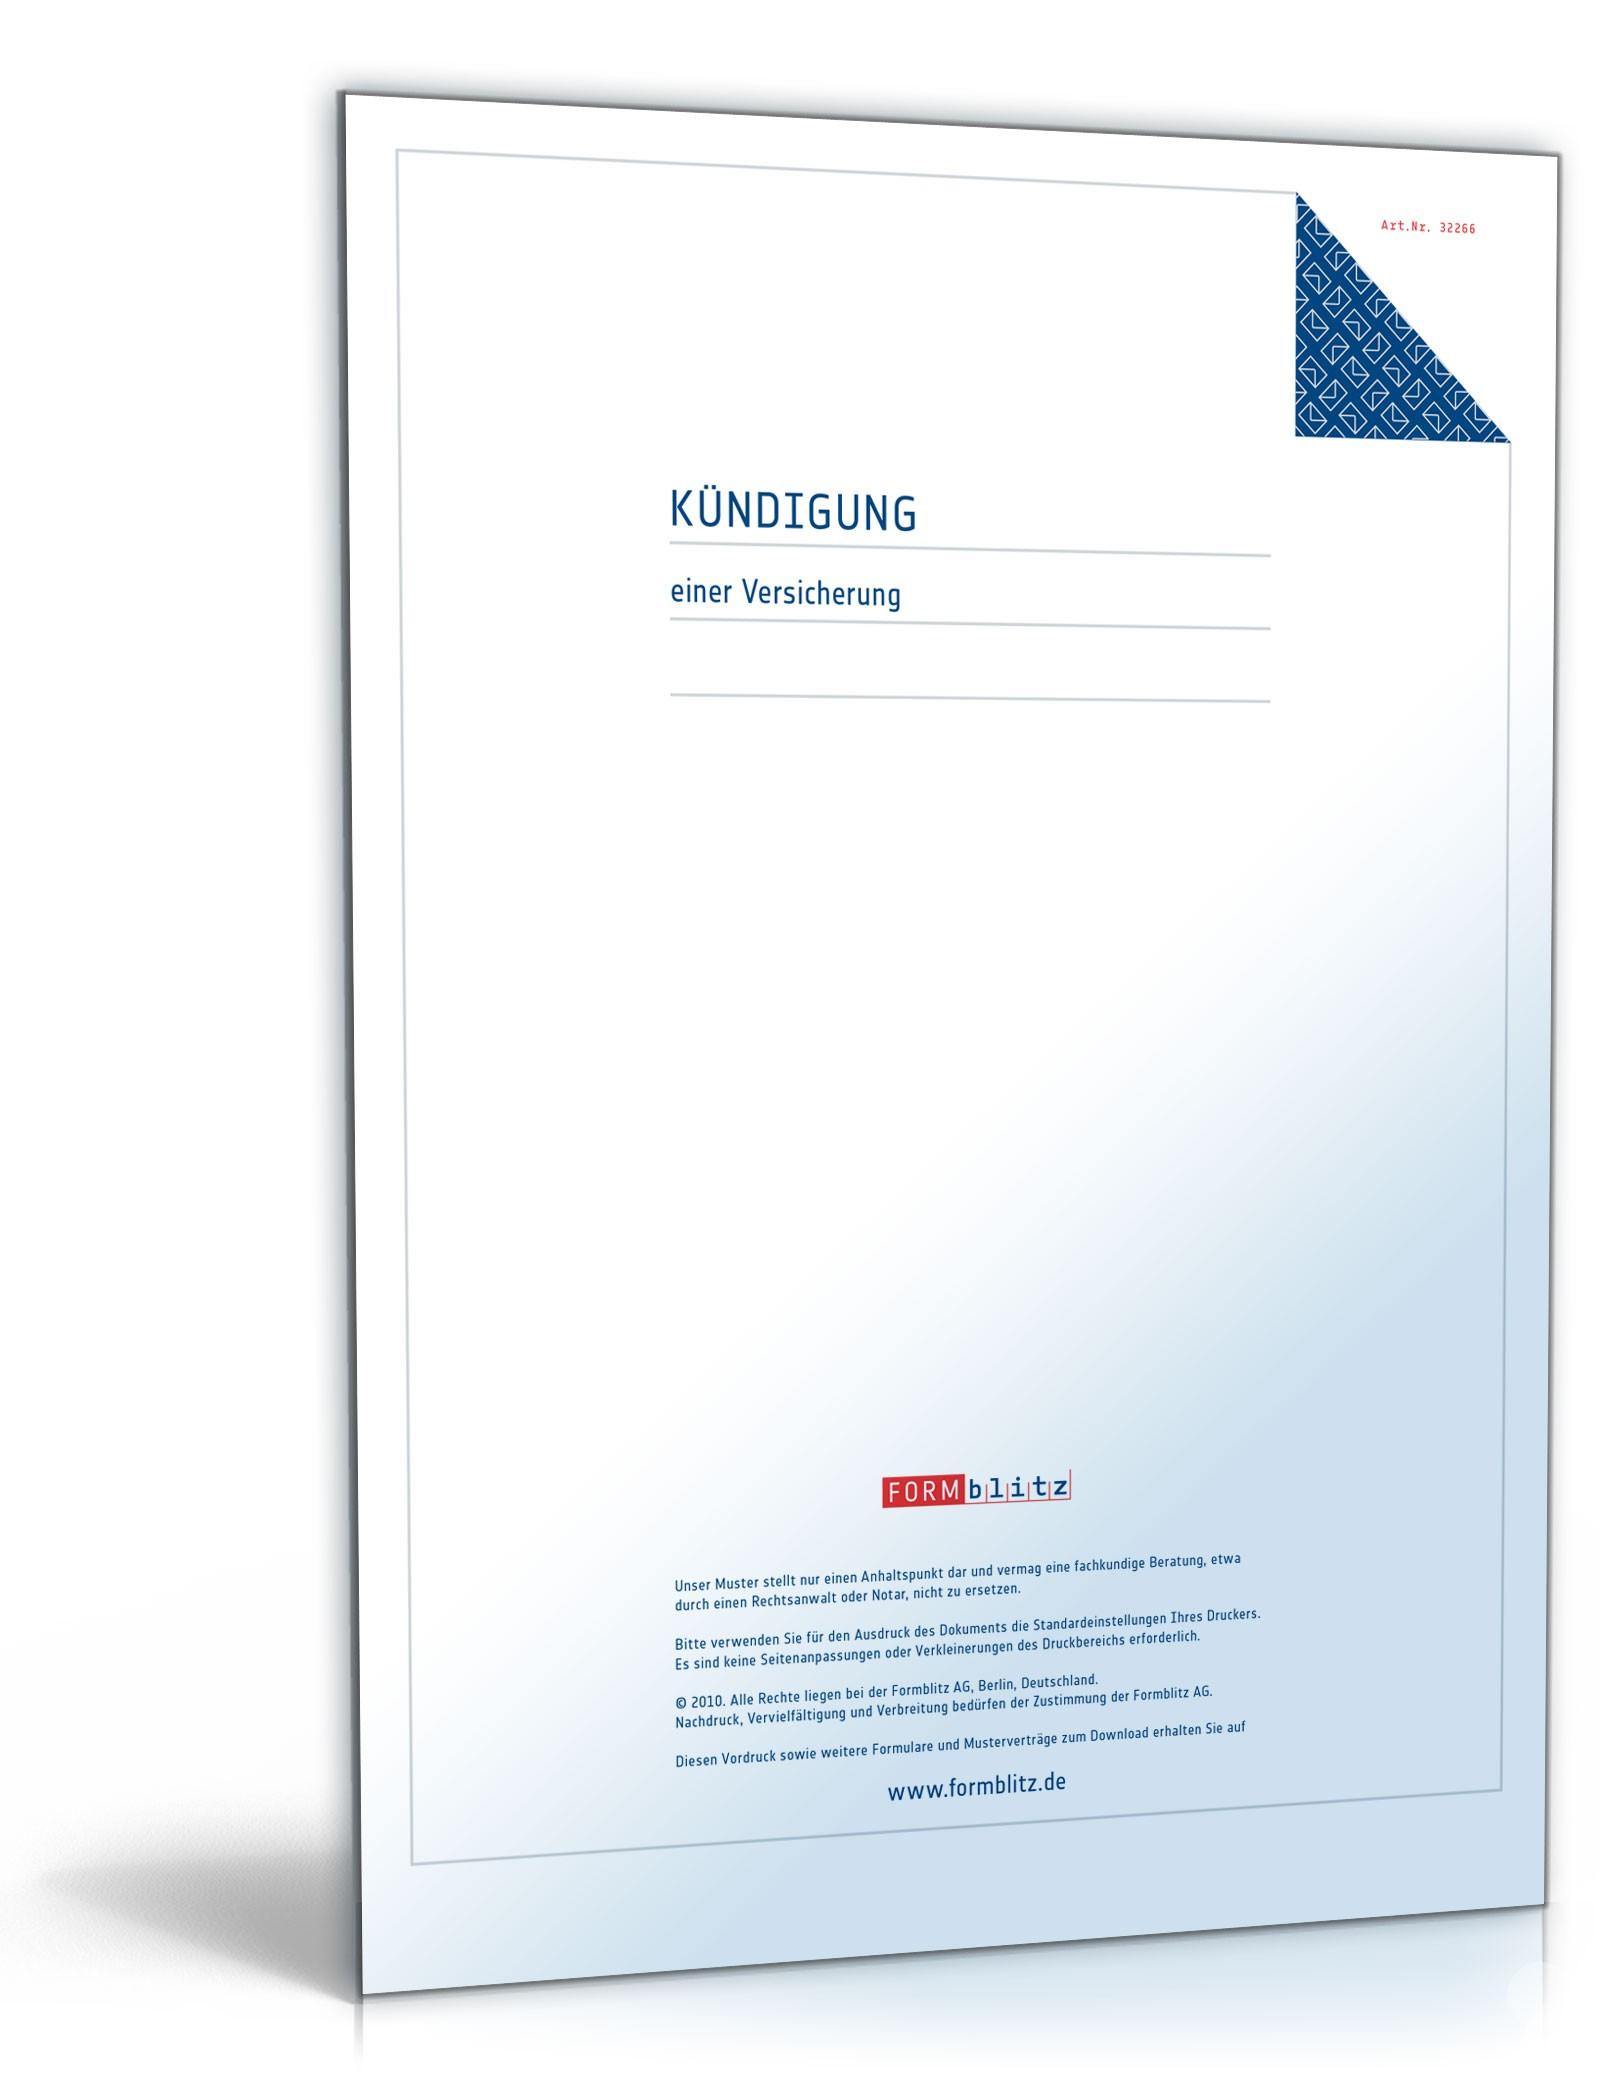 kndigung einer versicherung - Versicherung Kundigung Muster